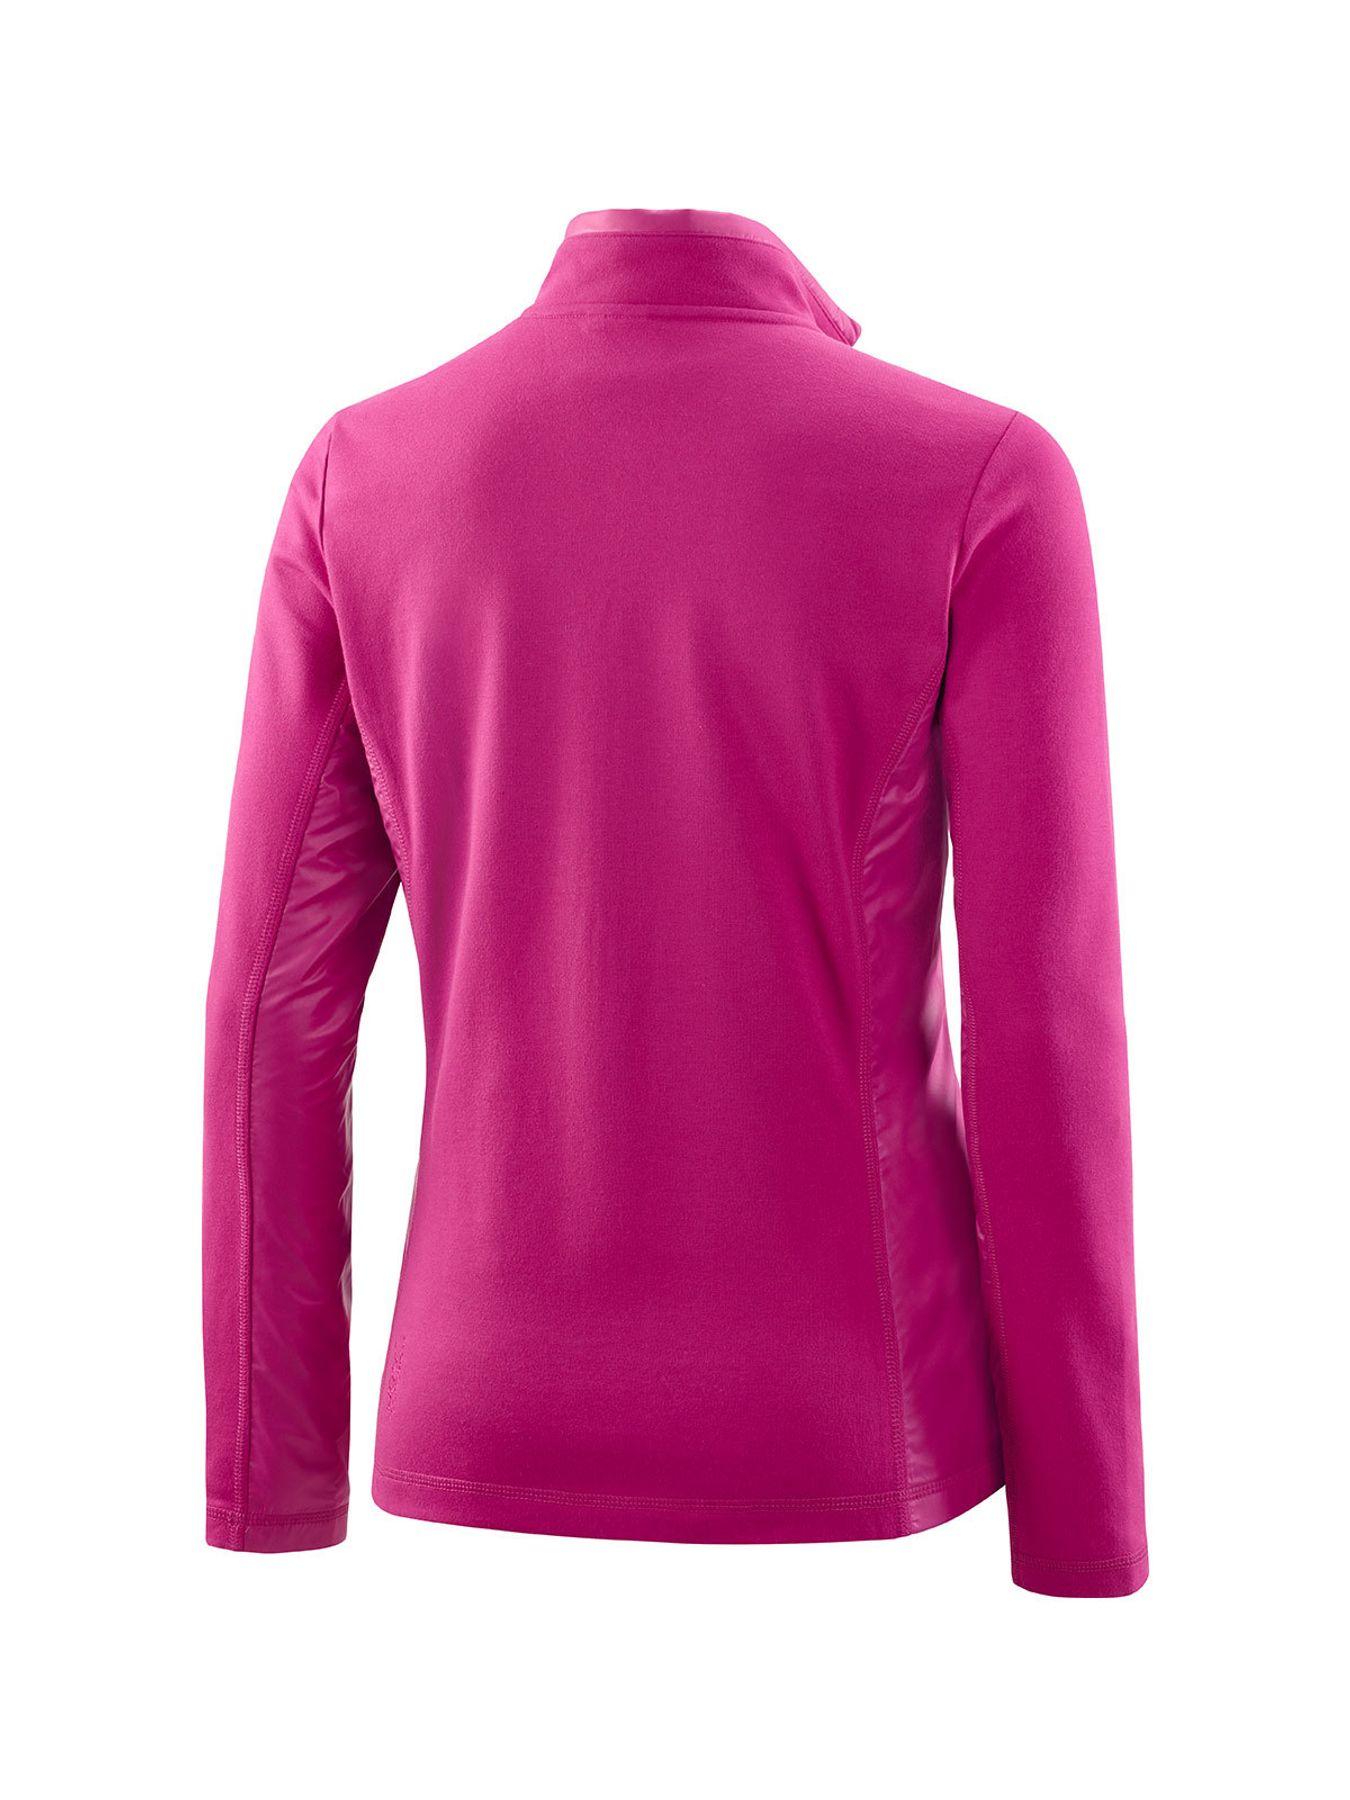 Joy - Damen Sport und Freizeit Jacke in mehreren Farben, Diandra (34487A) – Bild 16